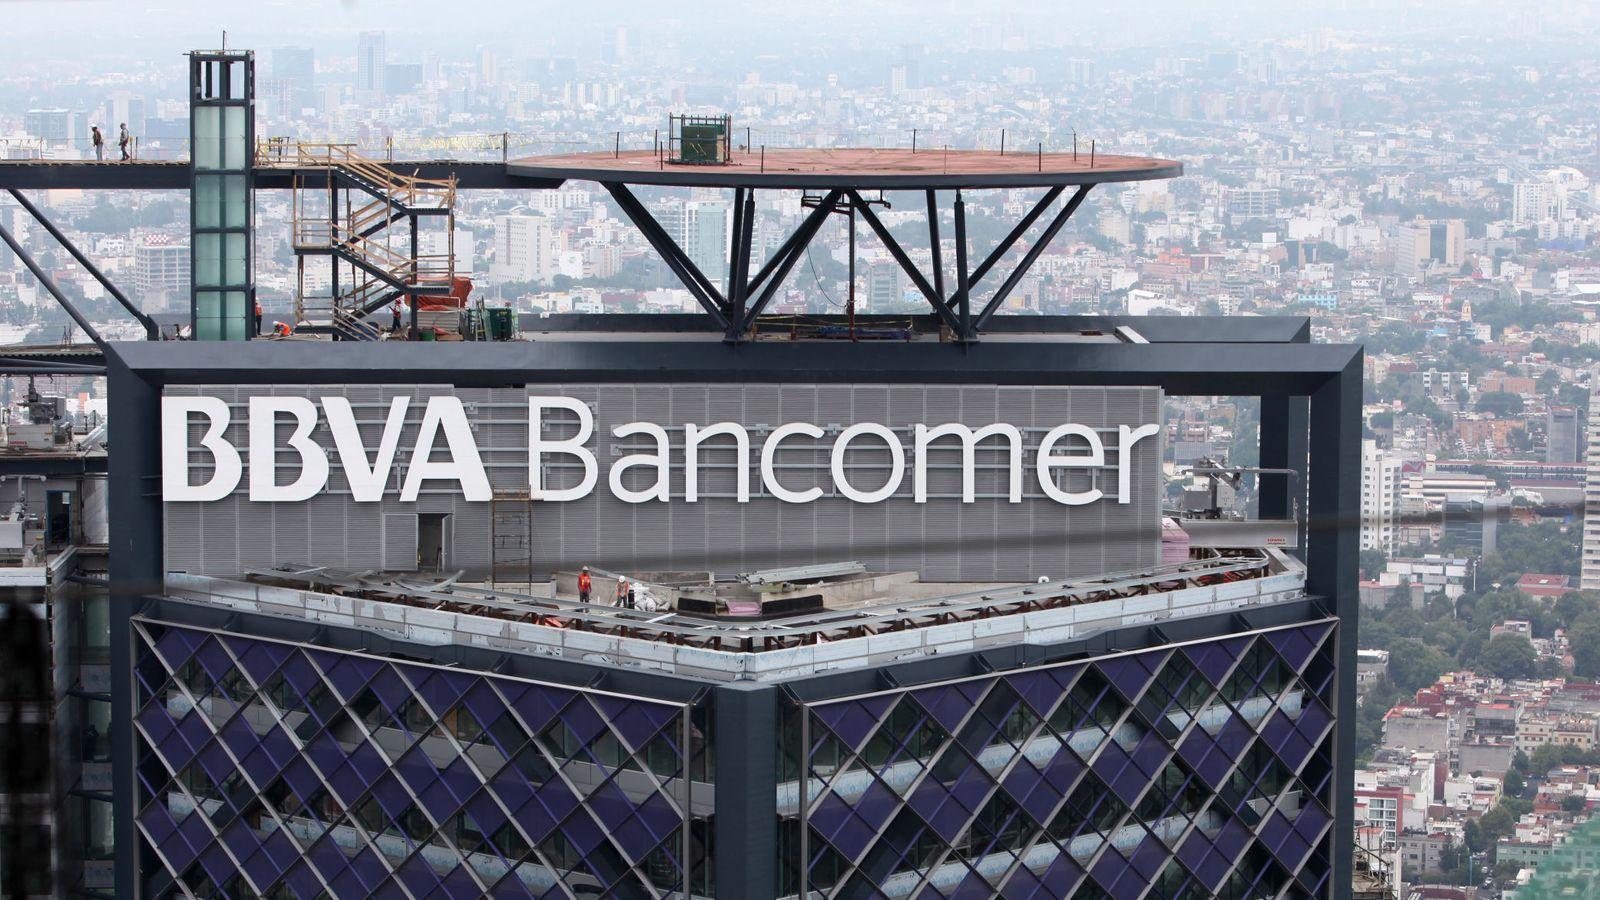 Foto: Edificio BBVA Bancomer en Ciudad de México. (EFE)